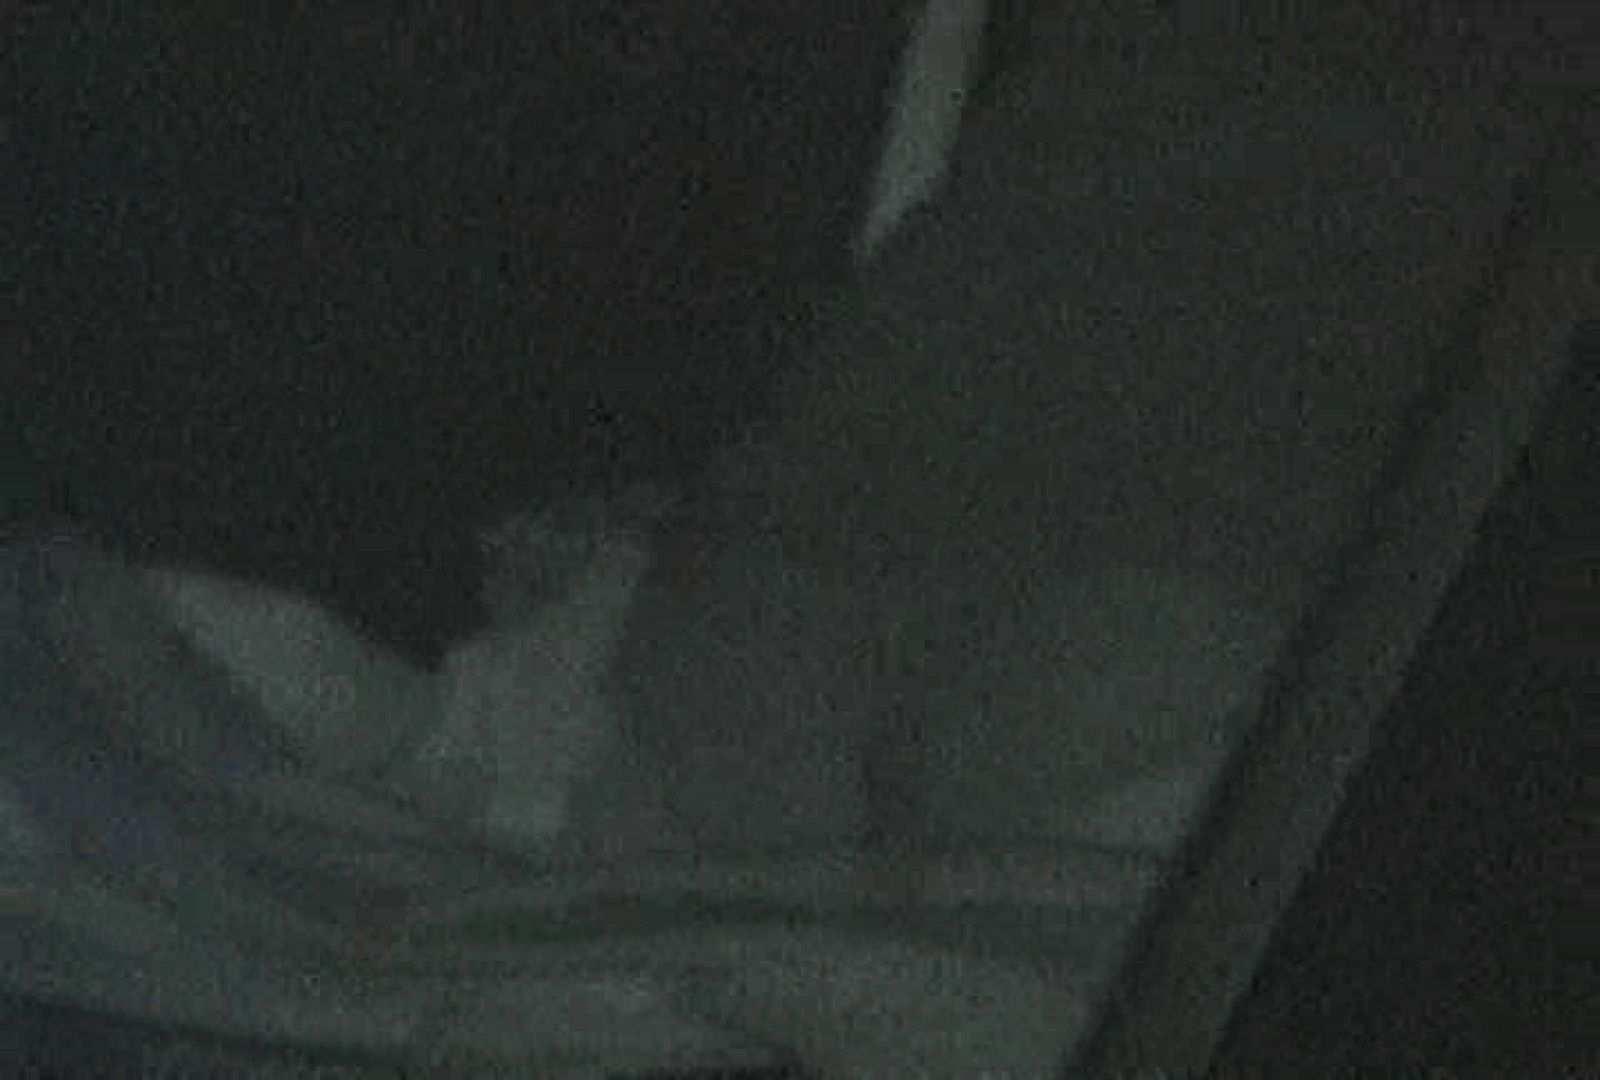 充血監督の深夜の運動会Vol.72 ギャル | OLヌード天国  108PIX 79